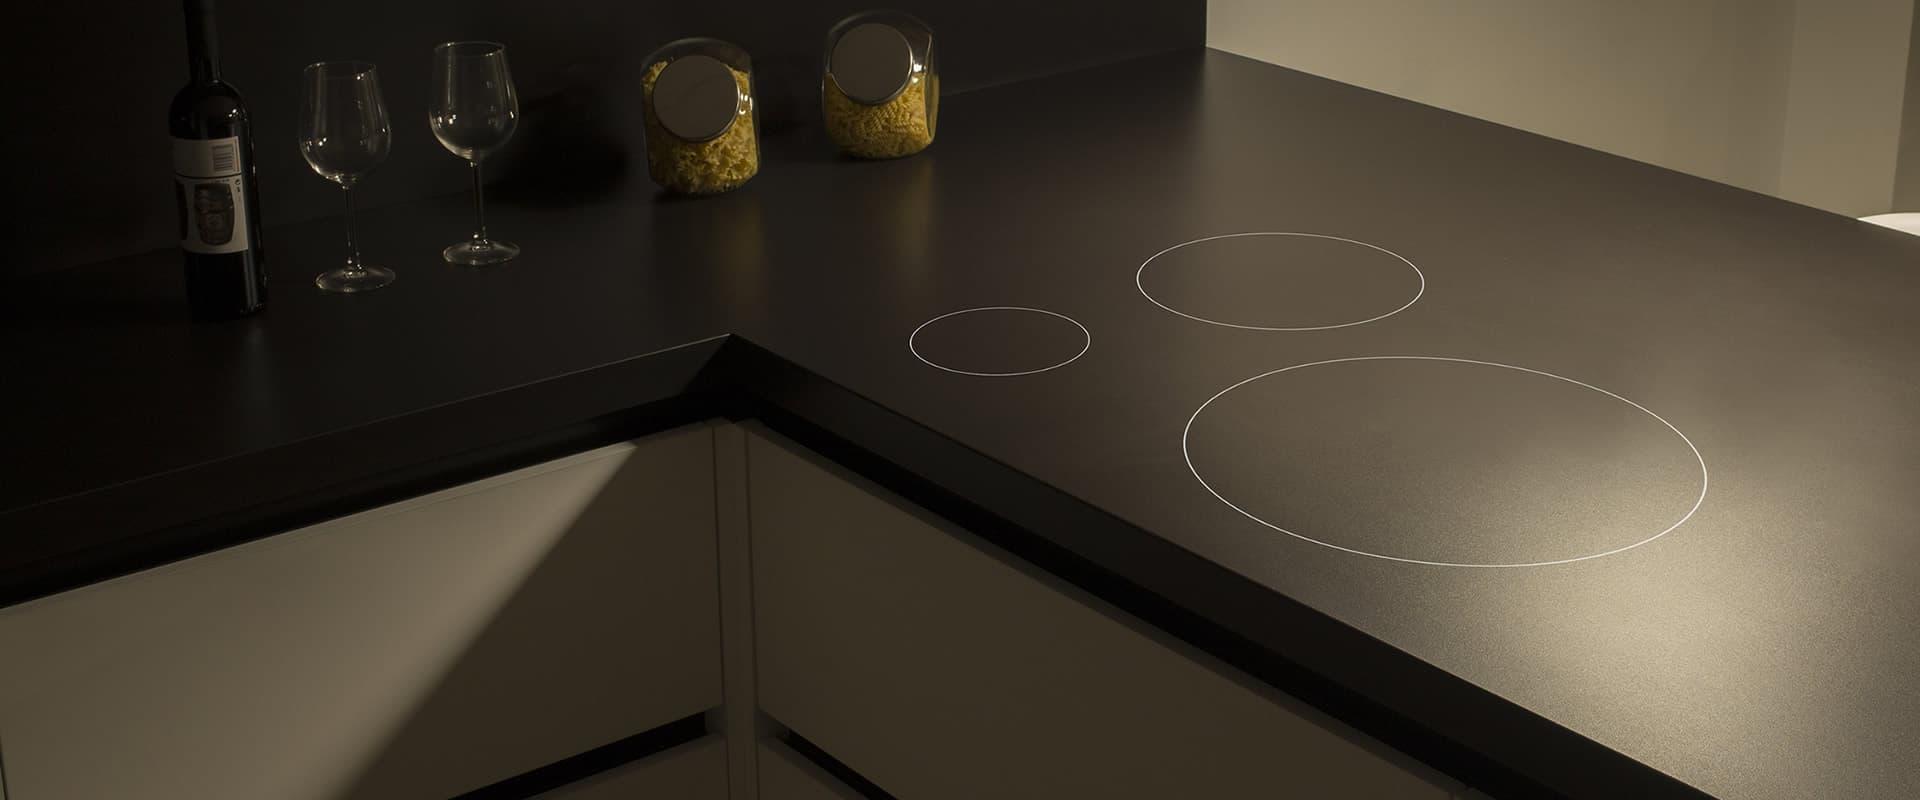 Cooking Rak la plaque de cuisson invisible à découvrir dans votre Showroom Comprex & Armony Cuisine - La Garenne-Colombes